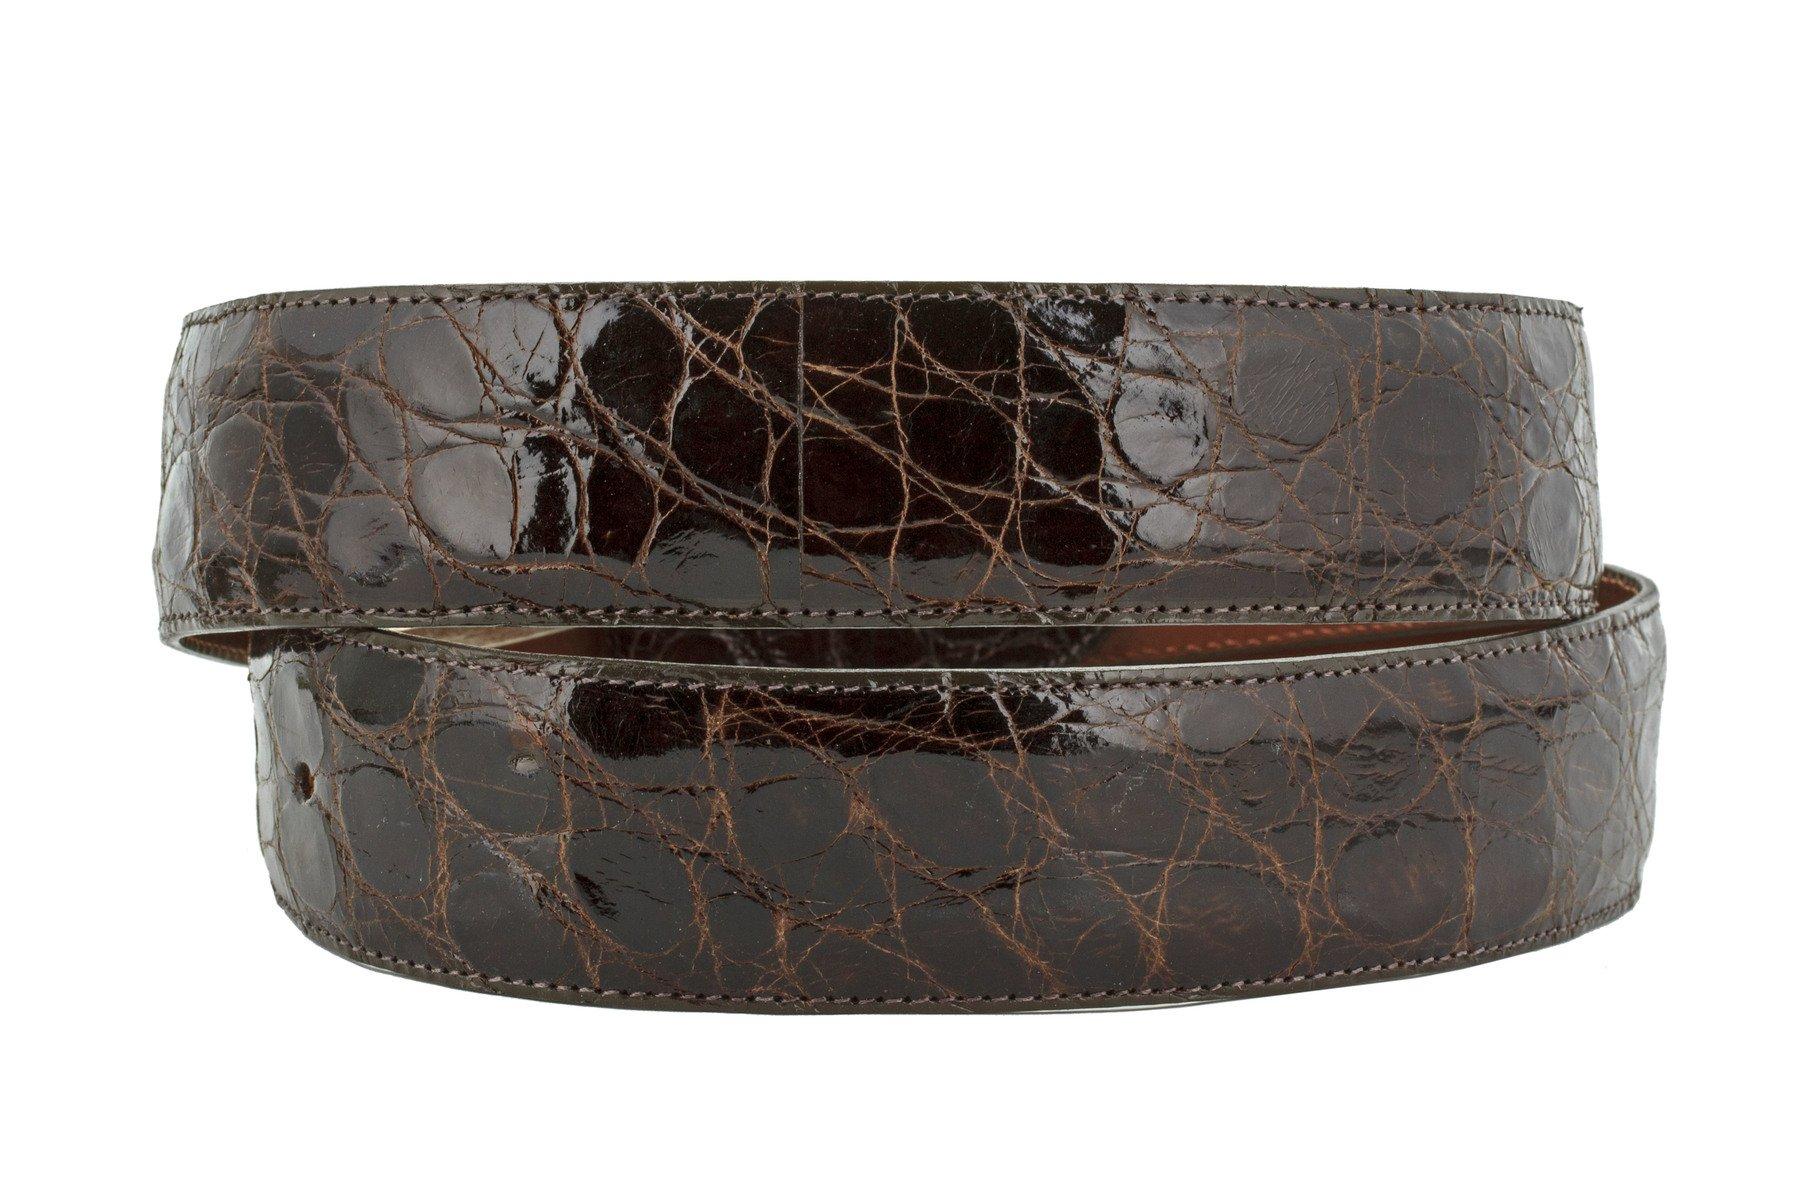 El Presidente - Men's Brown Genuine Crocodile Belly Skin Leather Dress Belt 40 by El Presidente (Image #2)